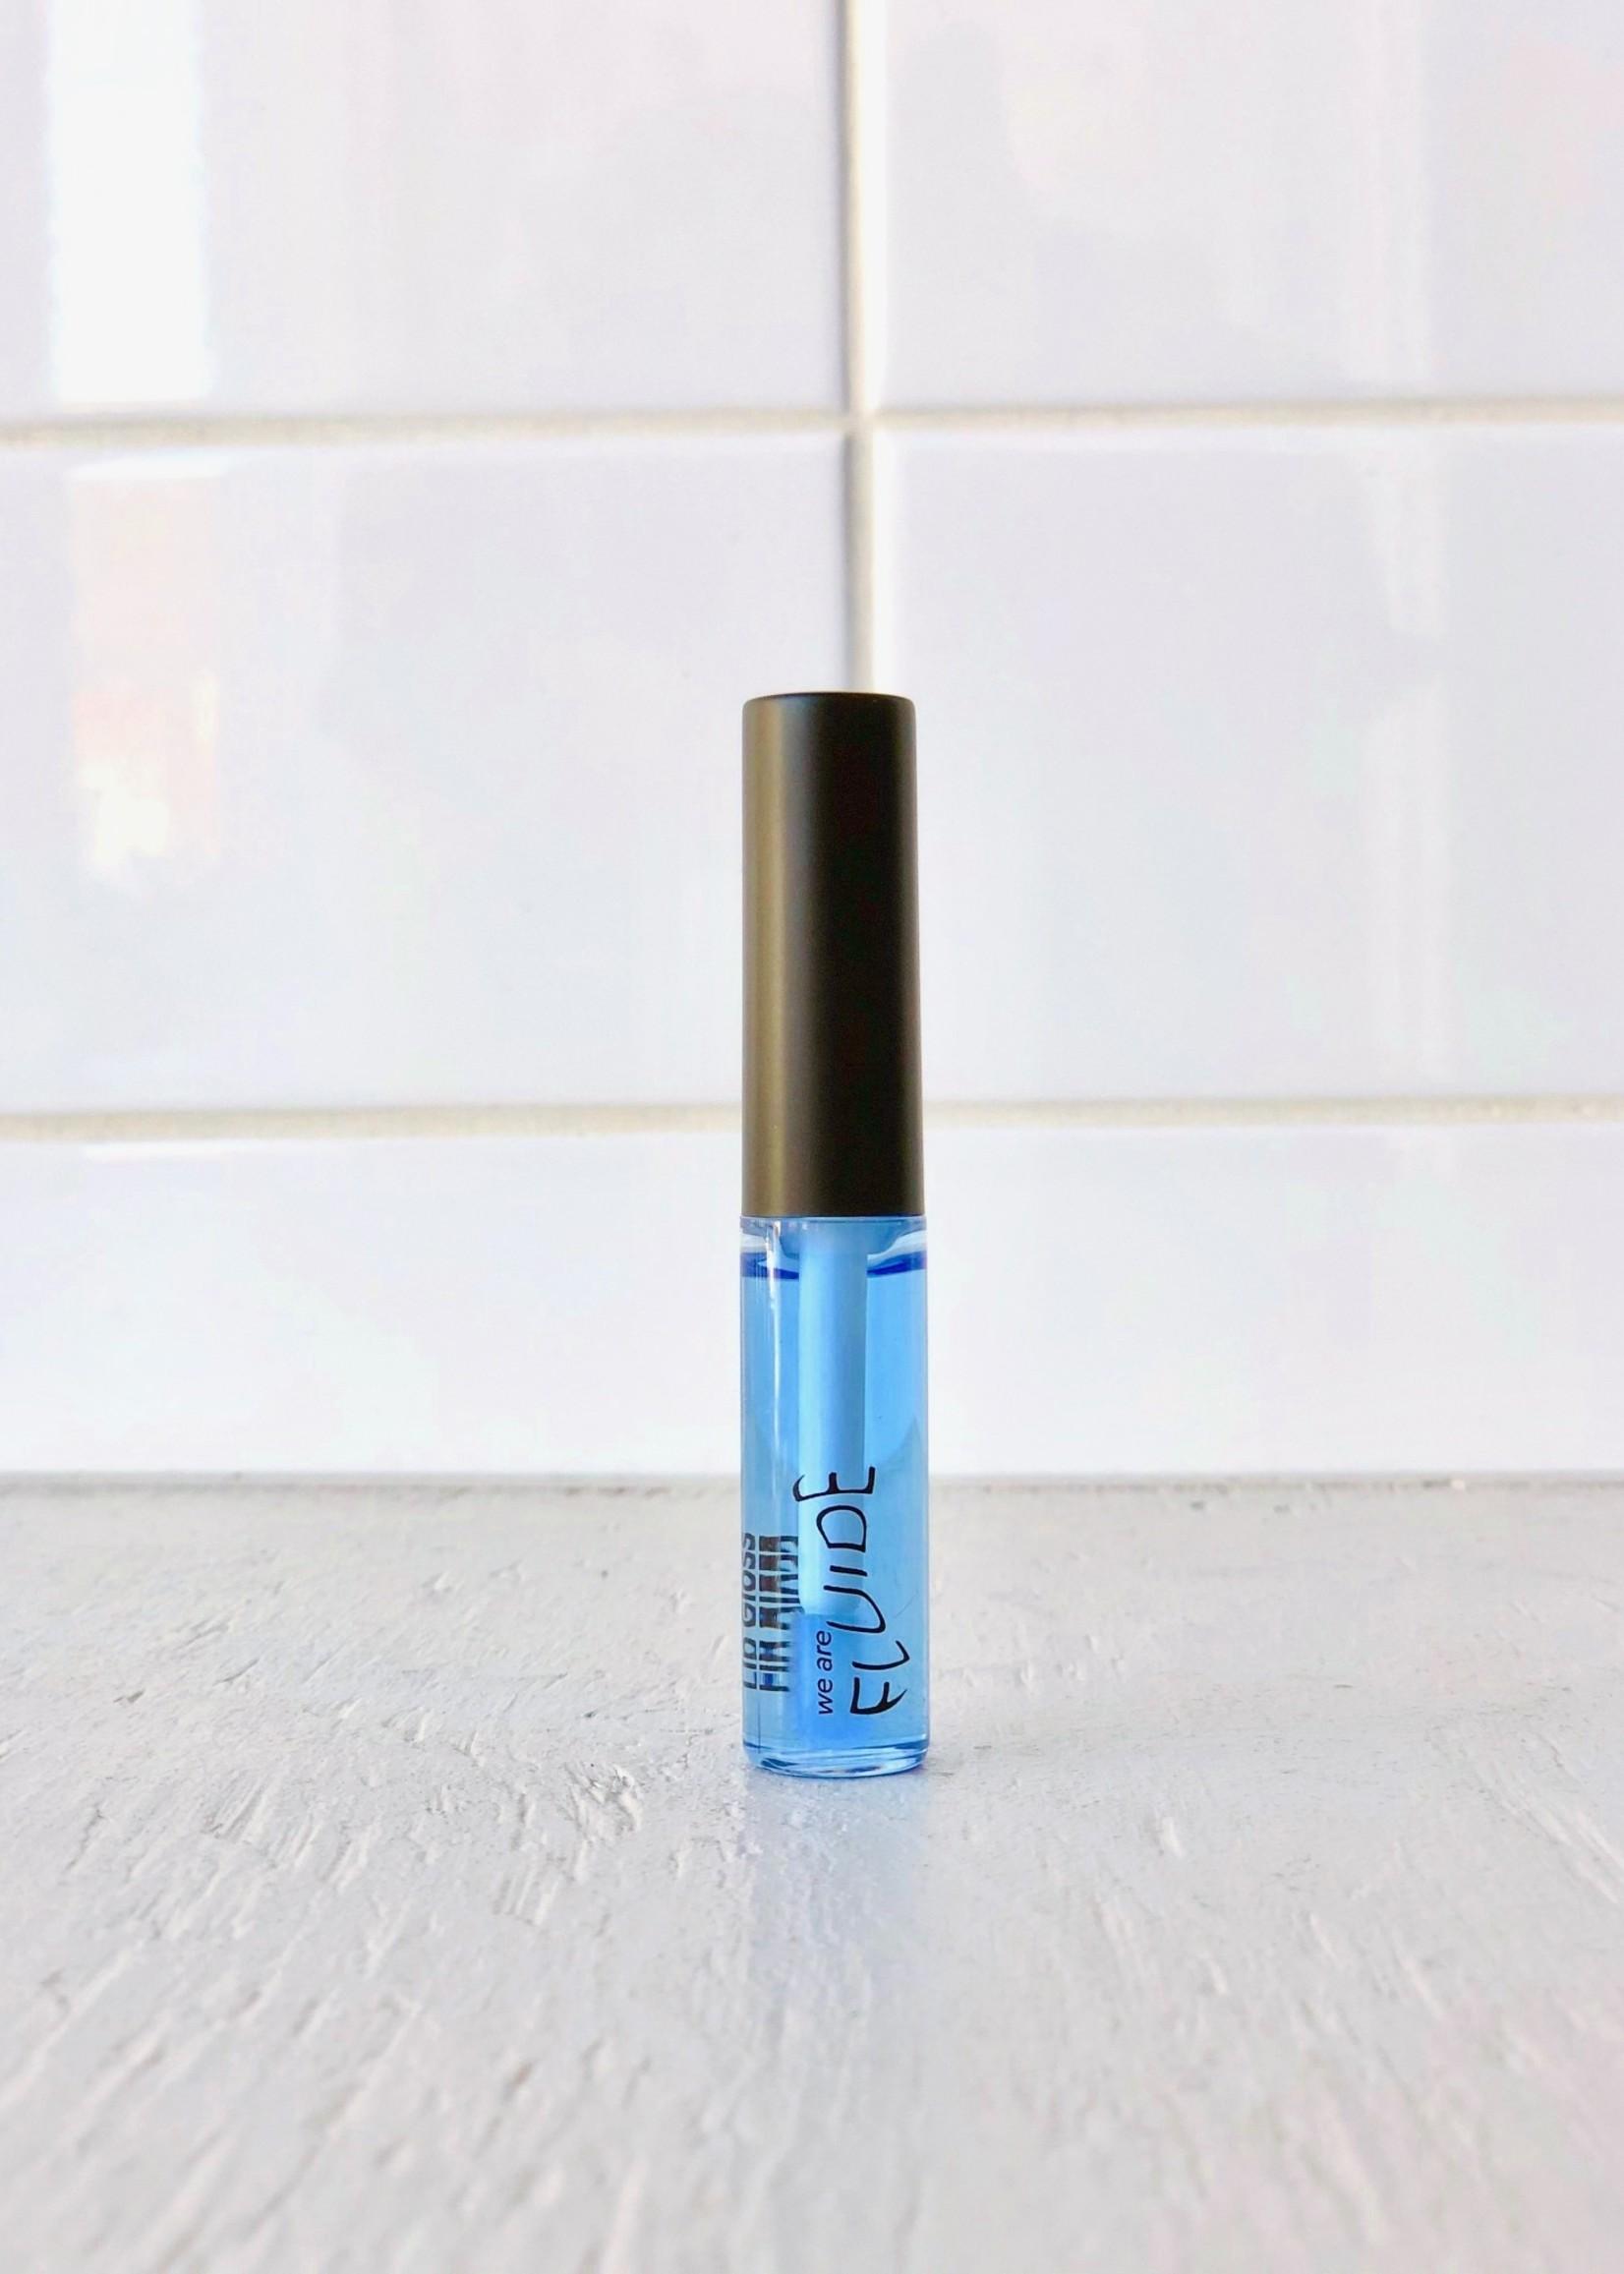 Fluide Beauty Lip Gloss by Fluide Beauty